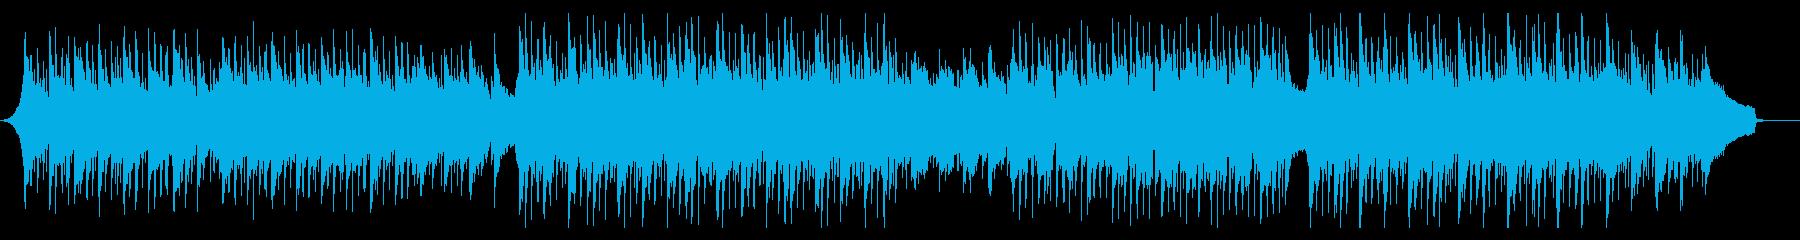 モダンでクールなコーポレート、CM向けの再生済みの波形